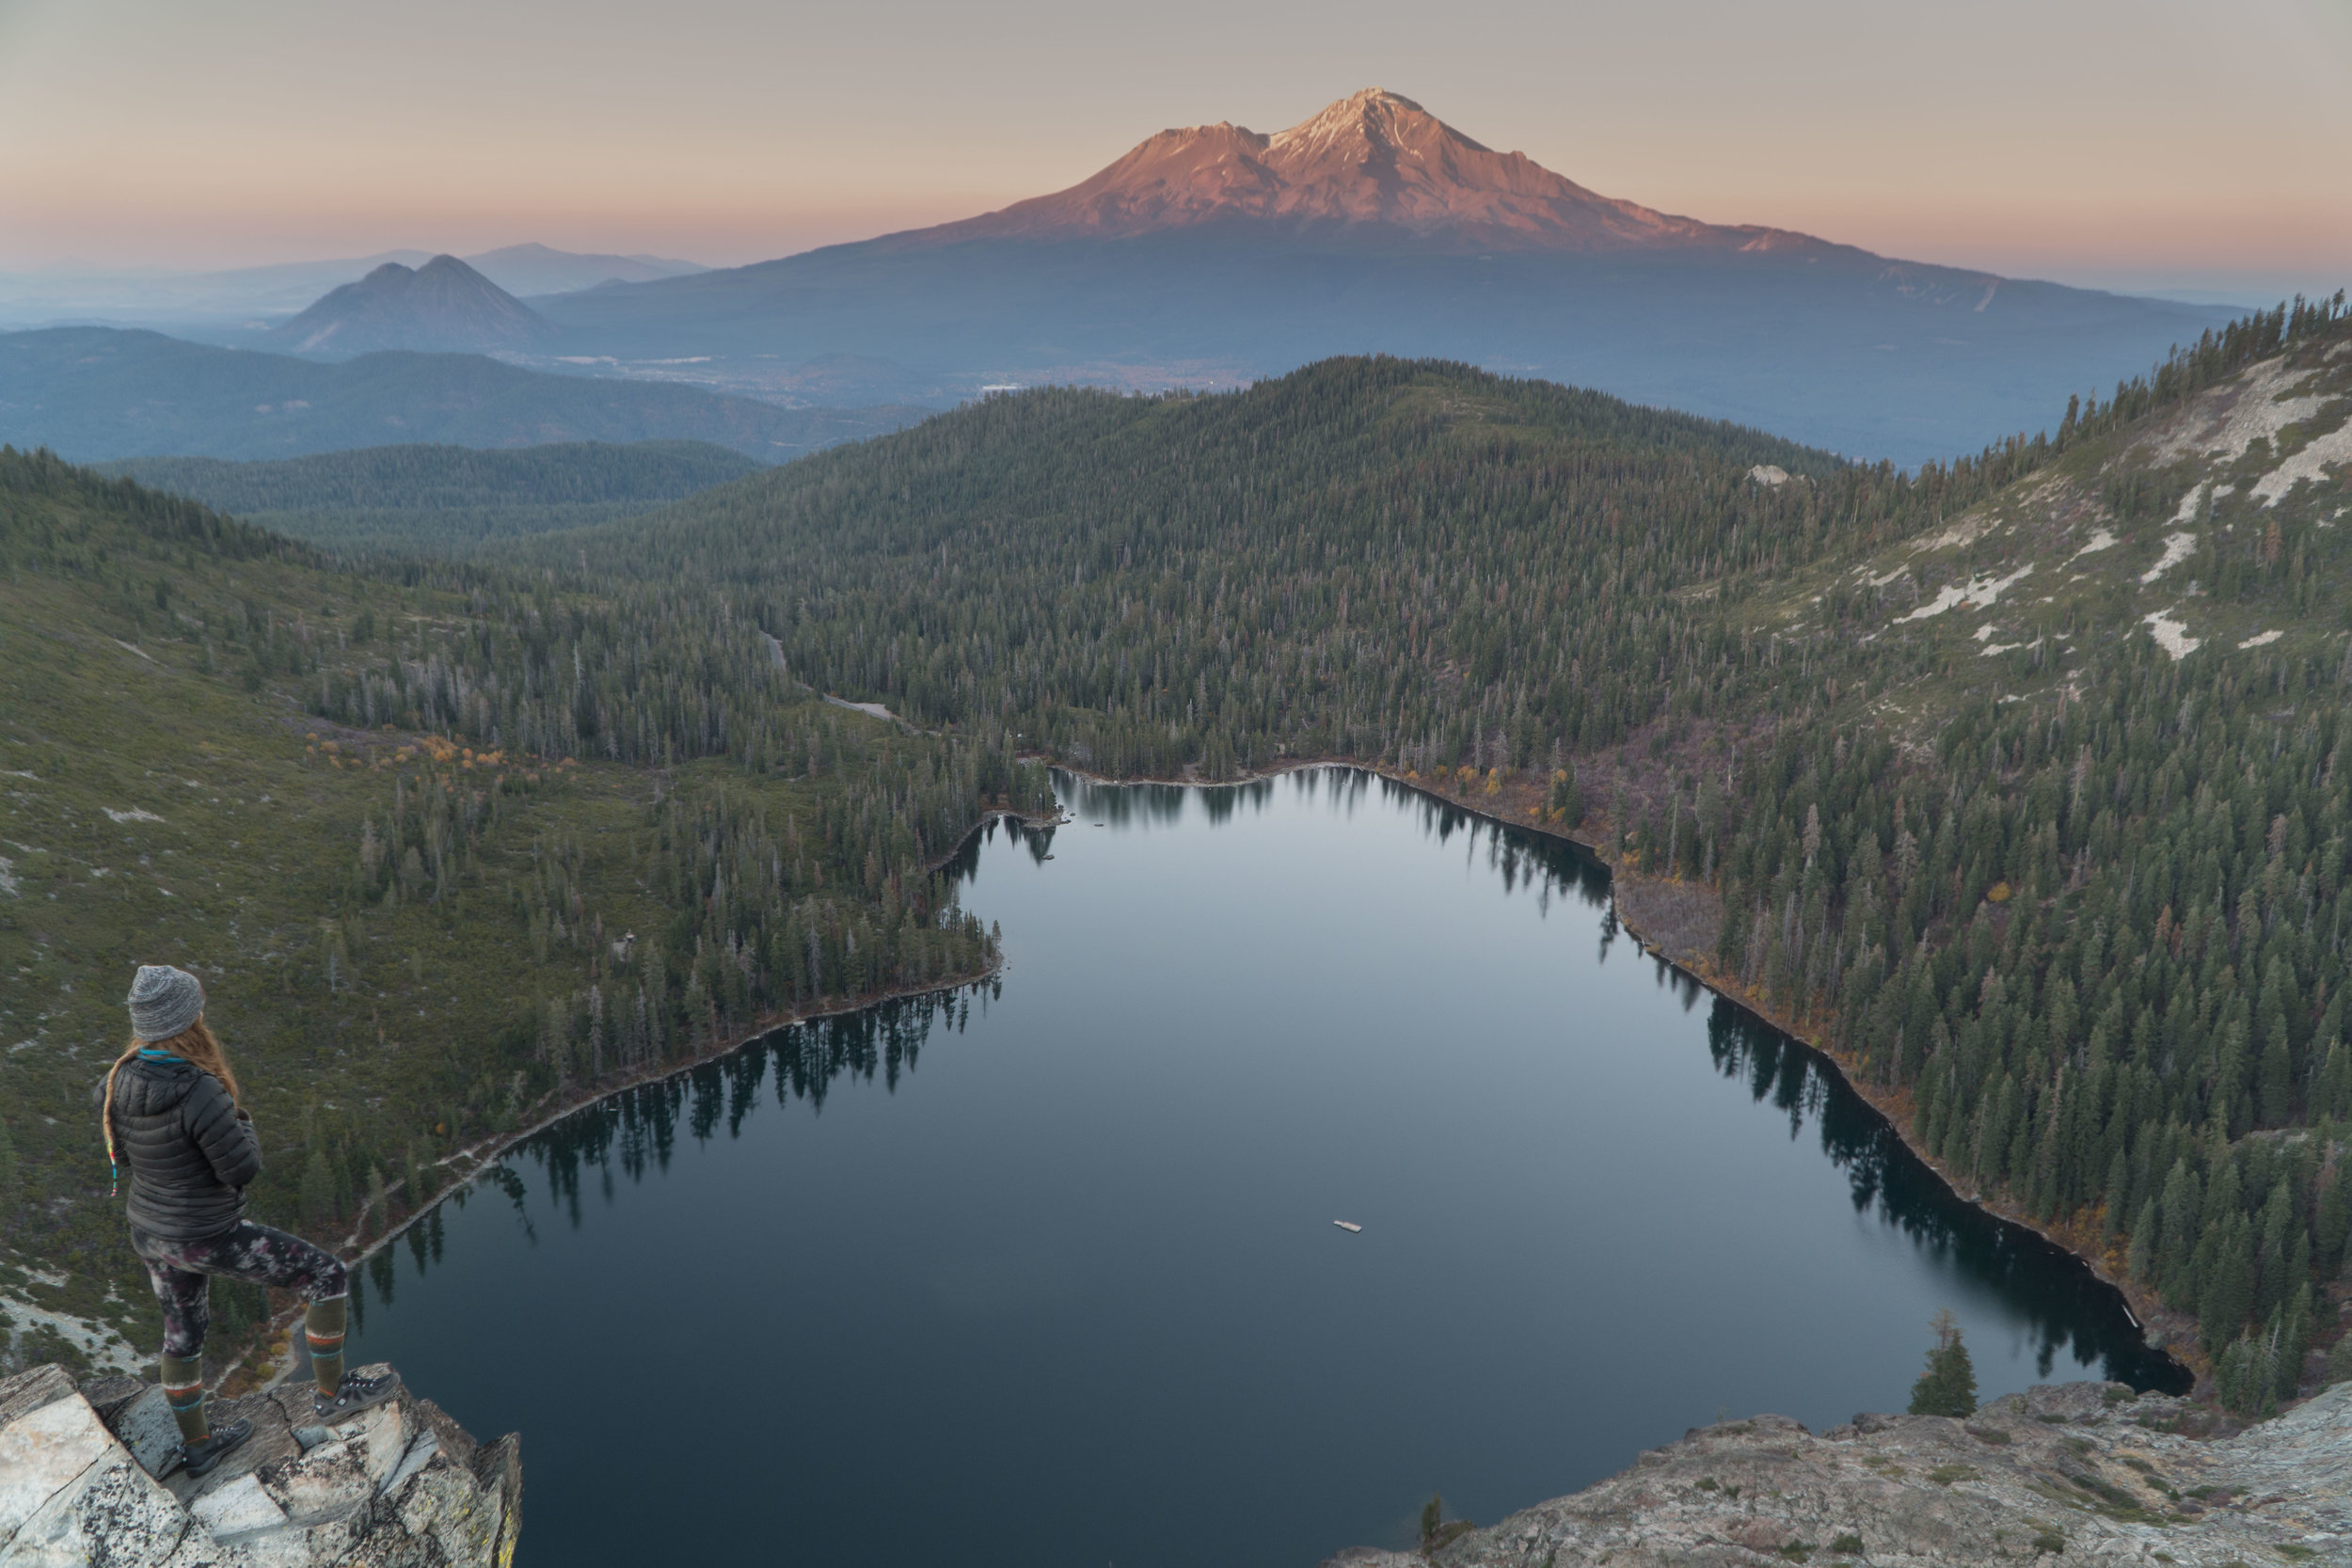 Mount Shasta Free Camping